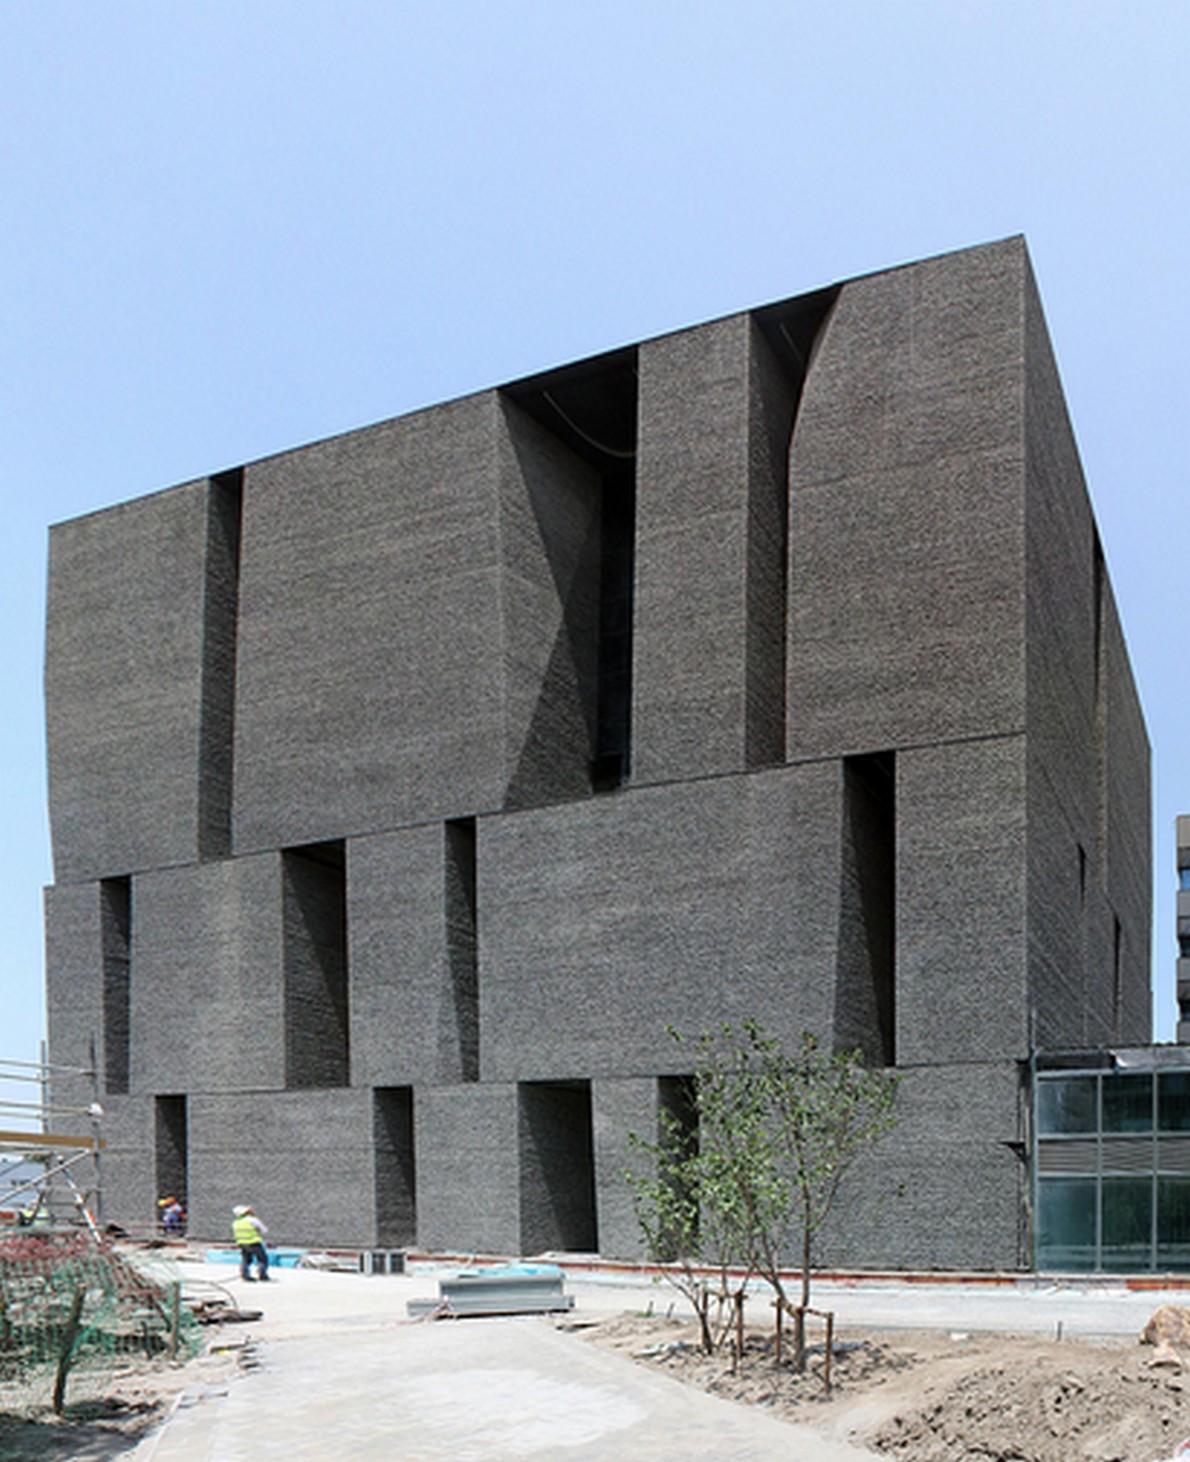 Le opere pi famose di alejandro aravena l architetto dei for Architetti famosi moderni